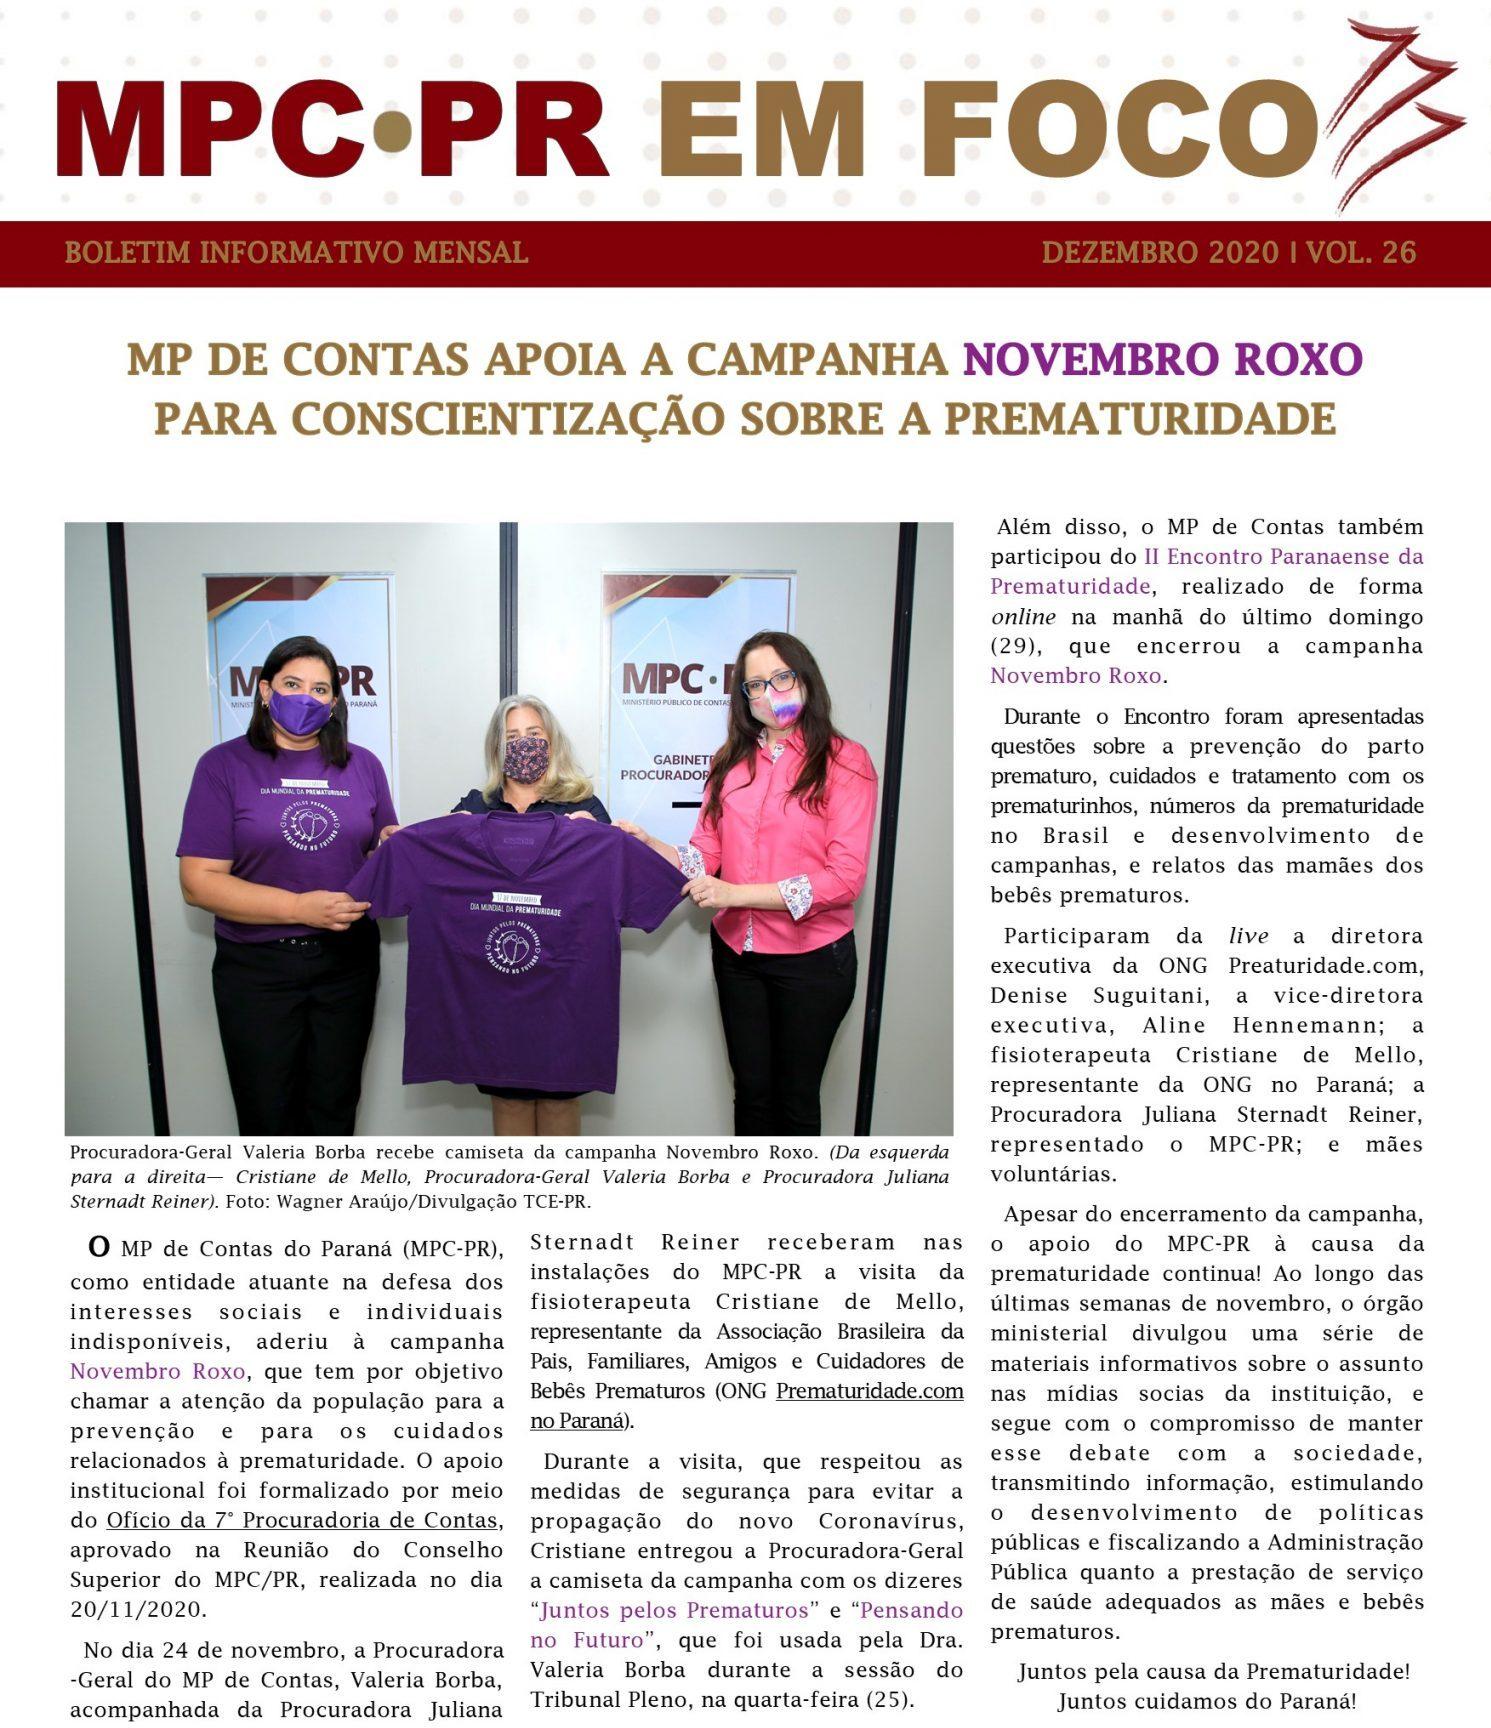 Boletim Informativo MPC-PR em Foco dezembro/2020